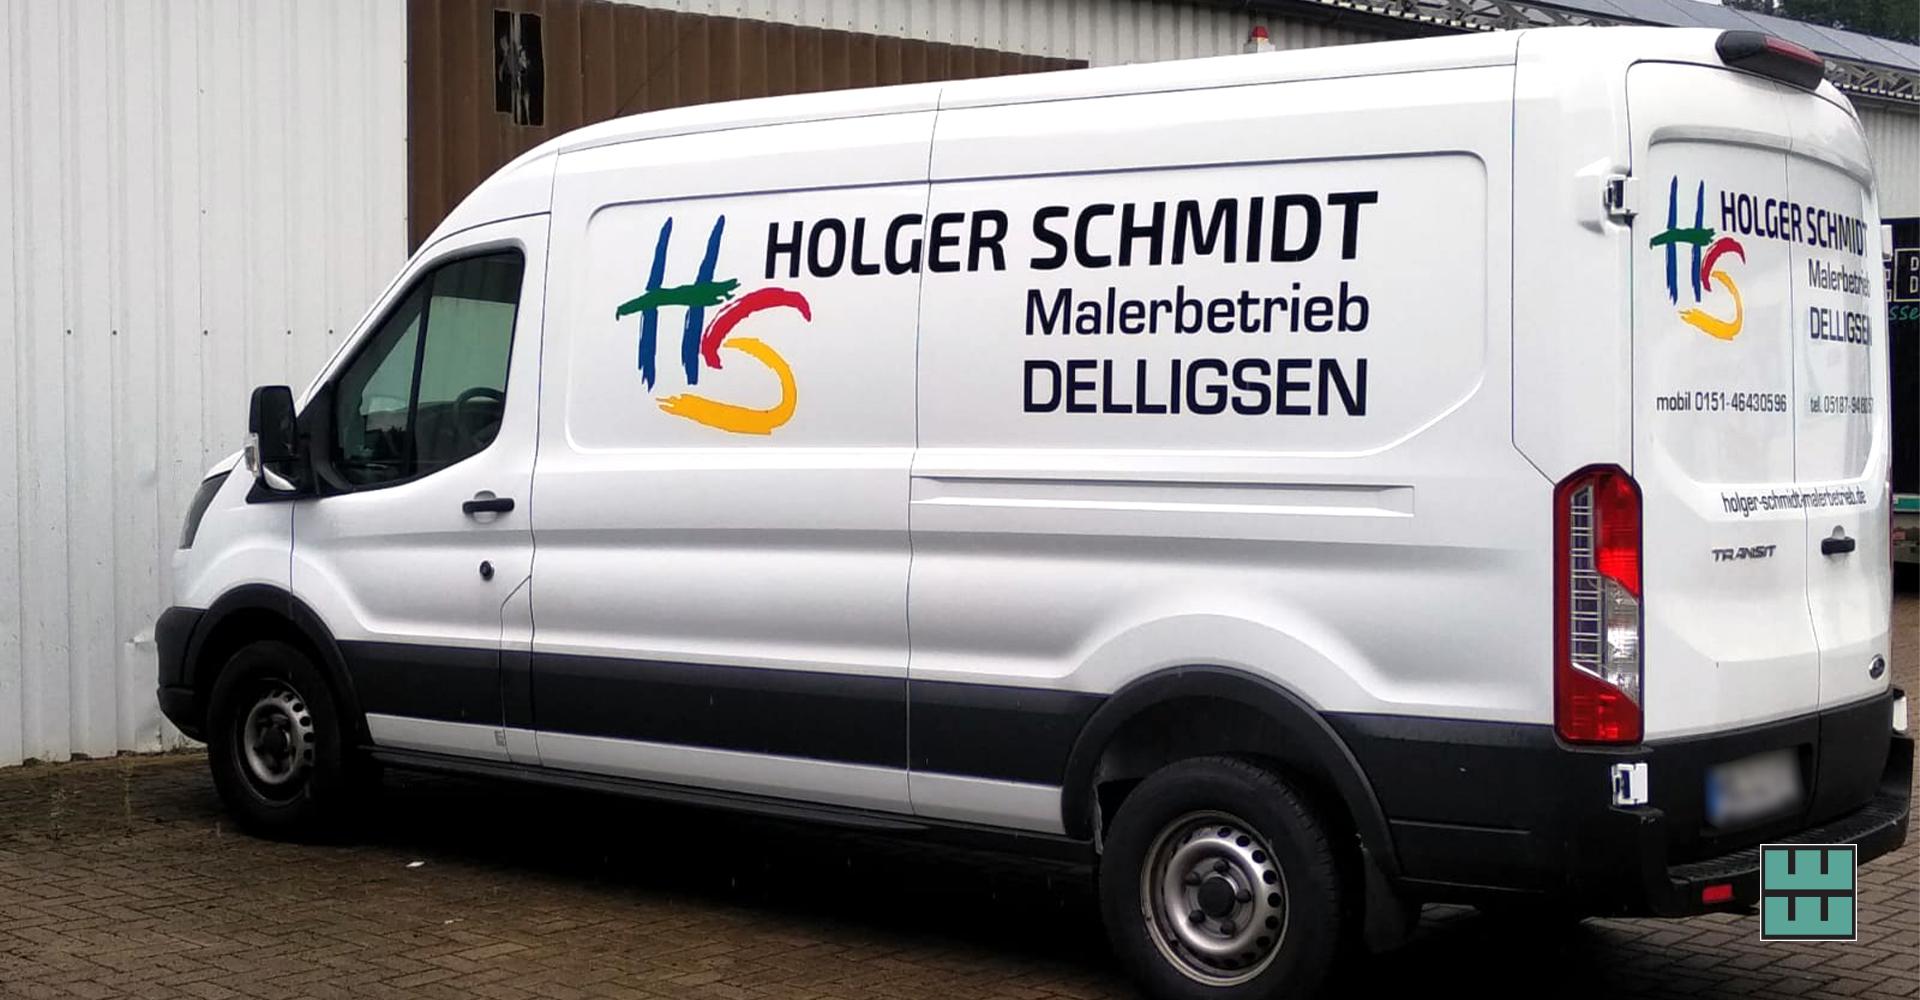 Neue KFZ-Beschriftung für den Malerbetrieb Holger Schmidt aus Delligsen